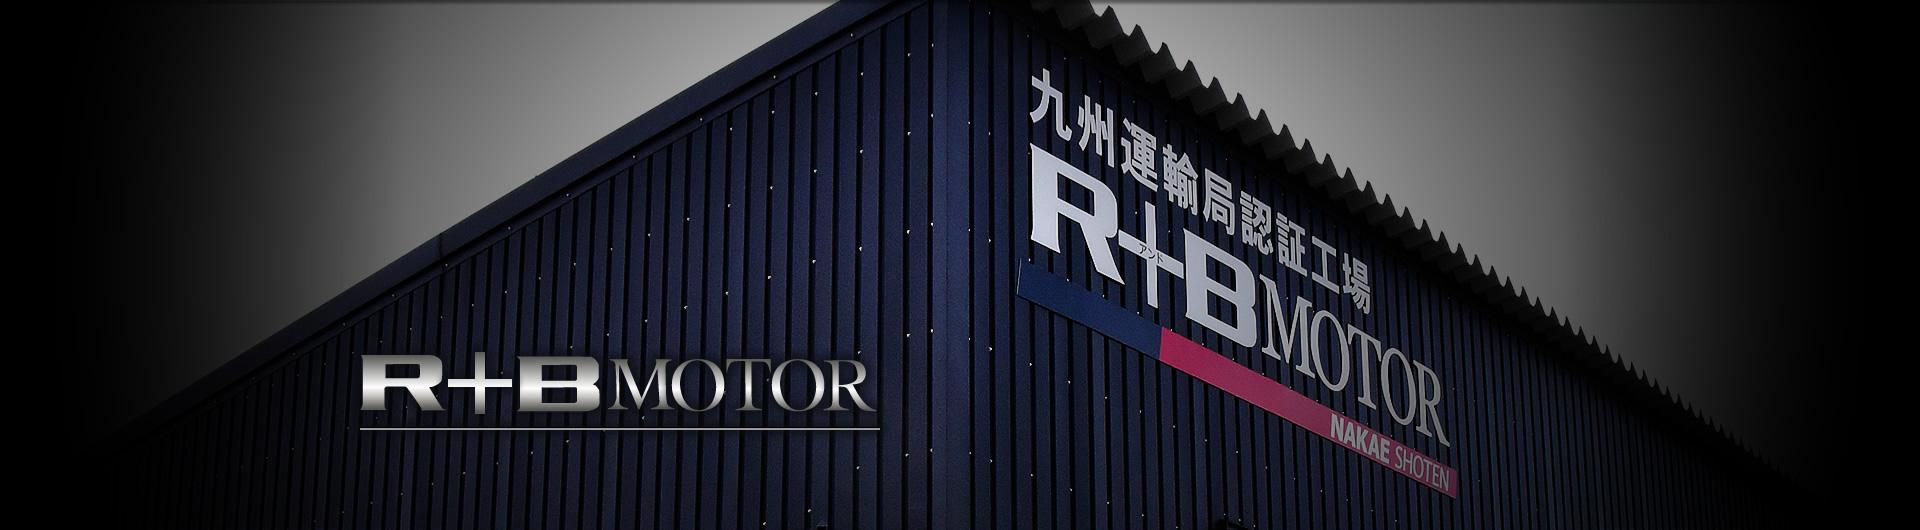 R+B MOTOR